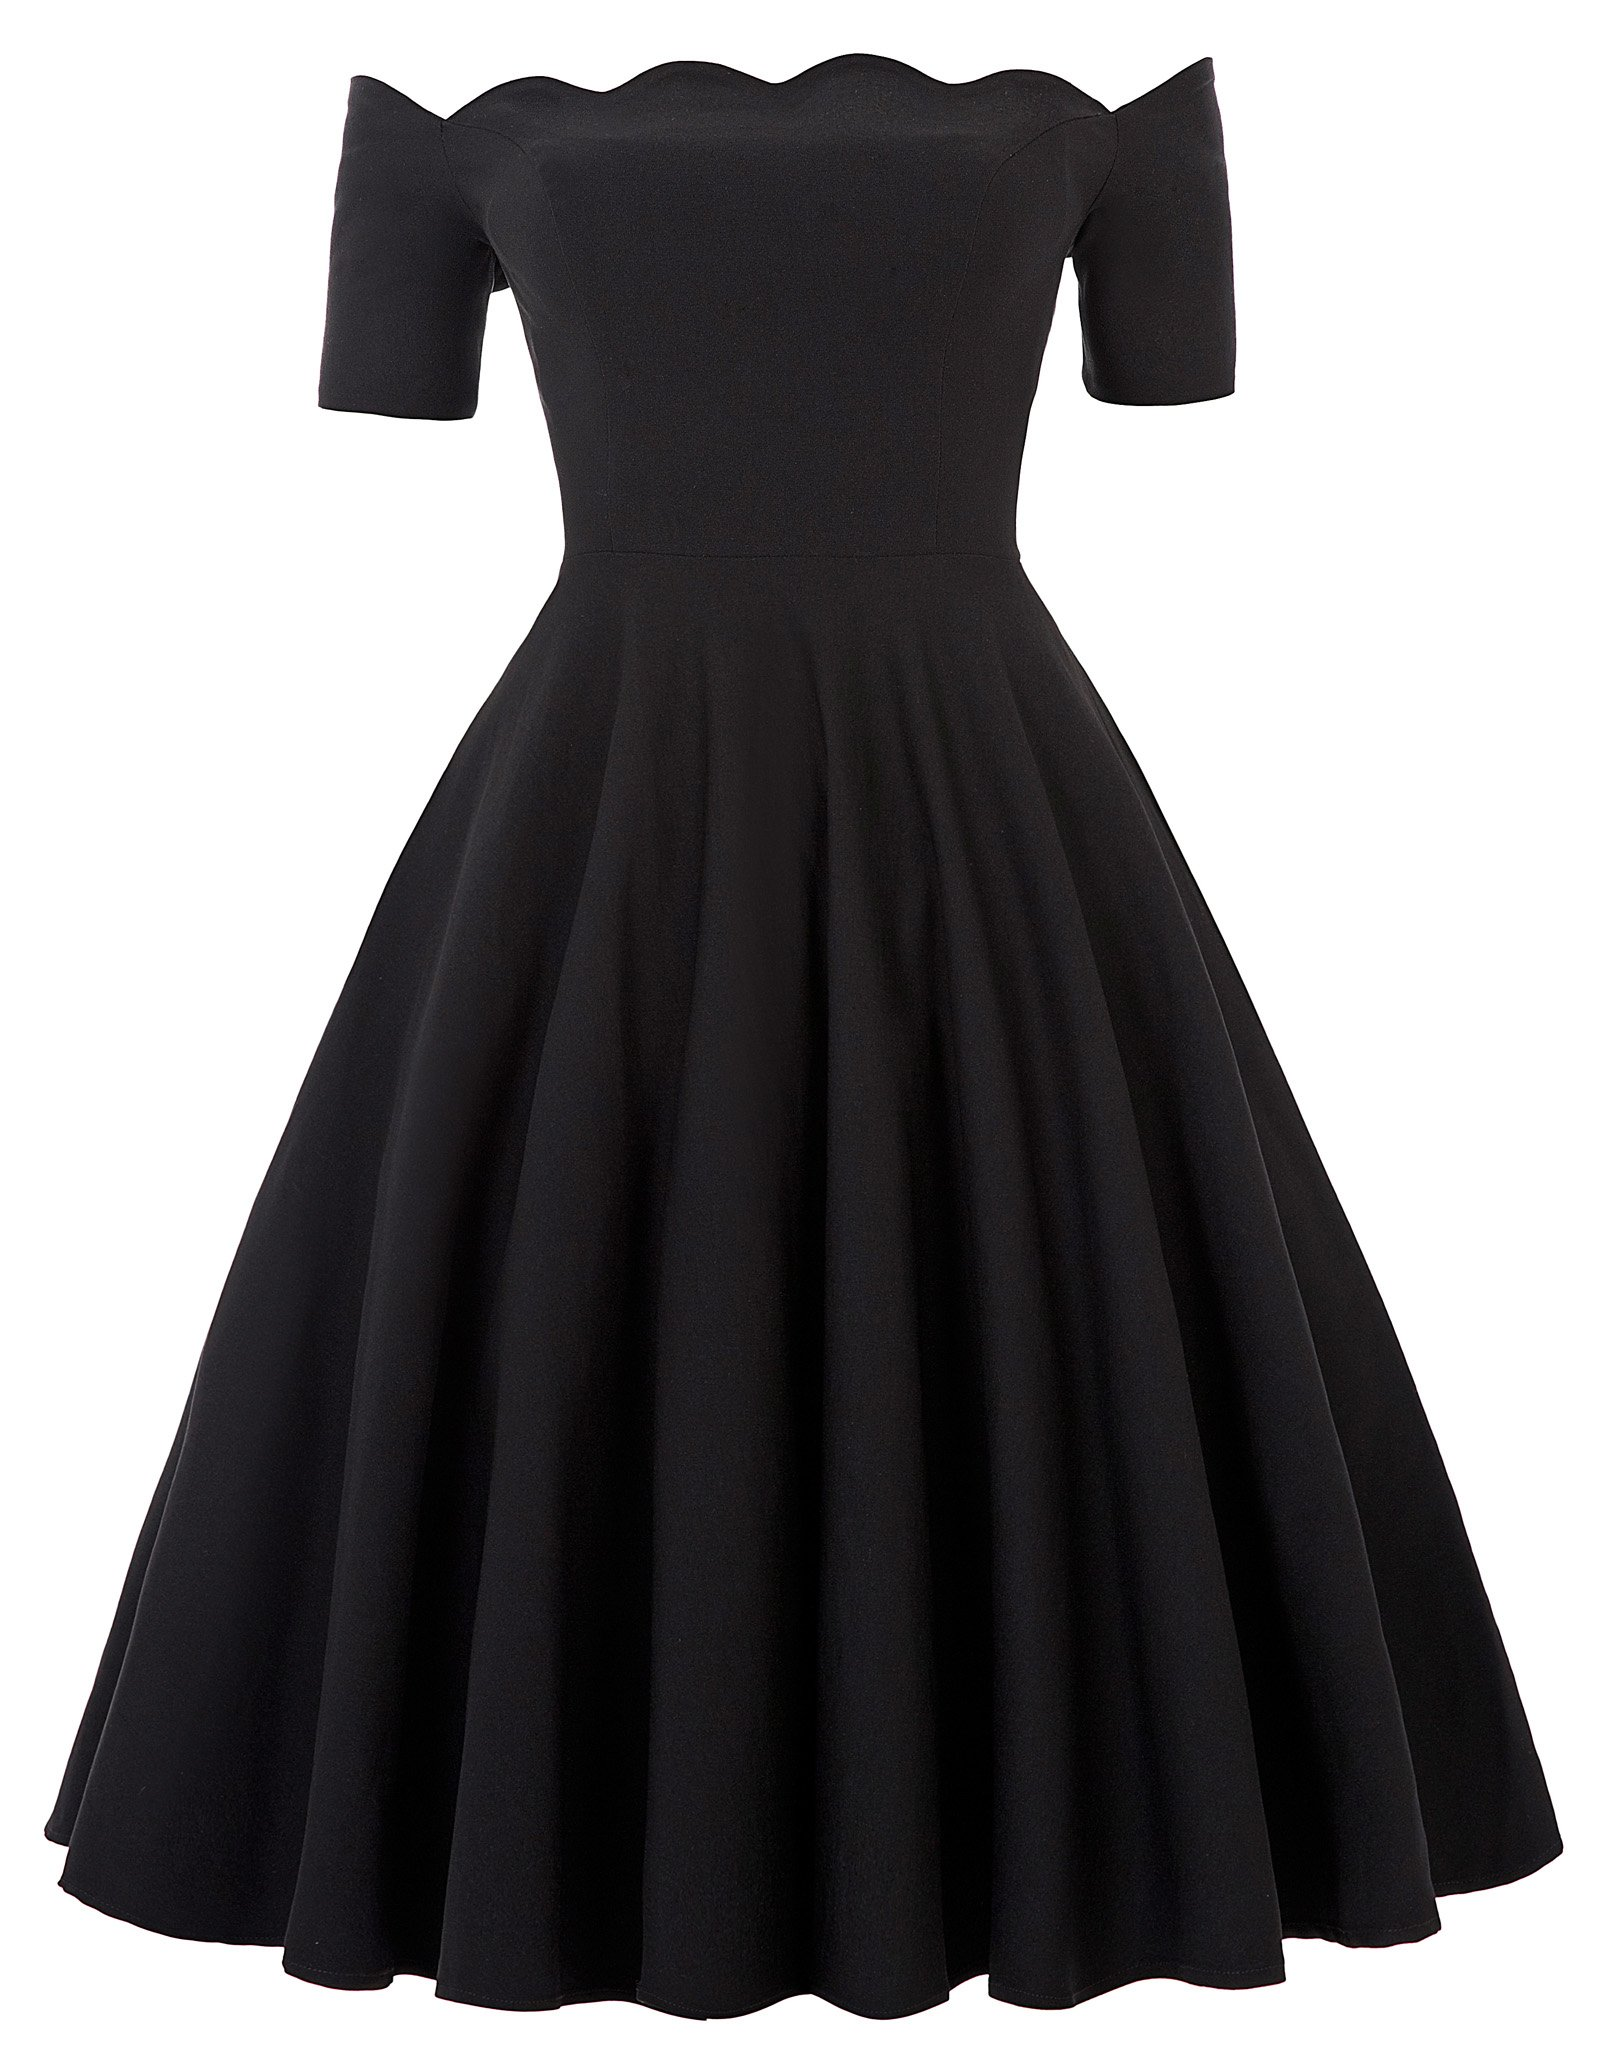 Audrey Hepburn Style Black Swing Dress Off Shoulder Dress (Black, S)